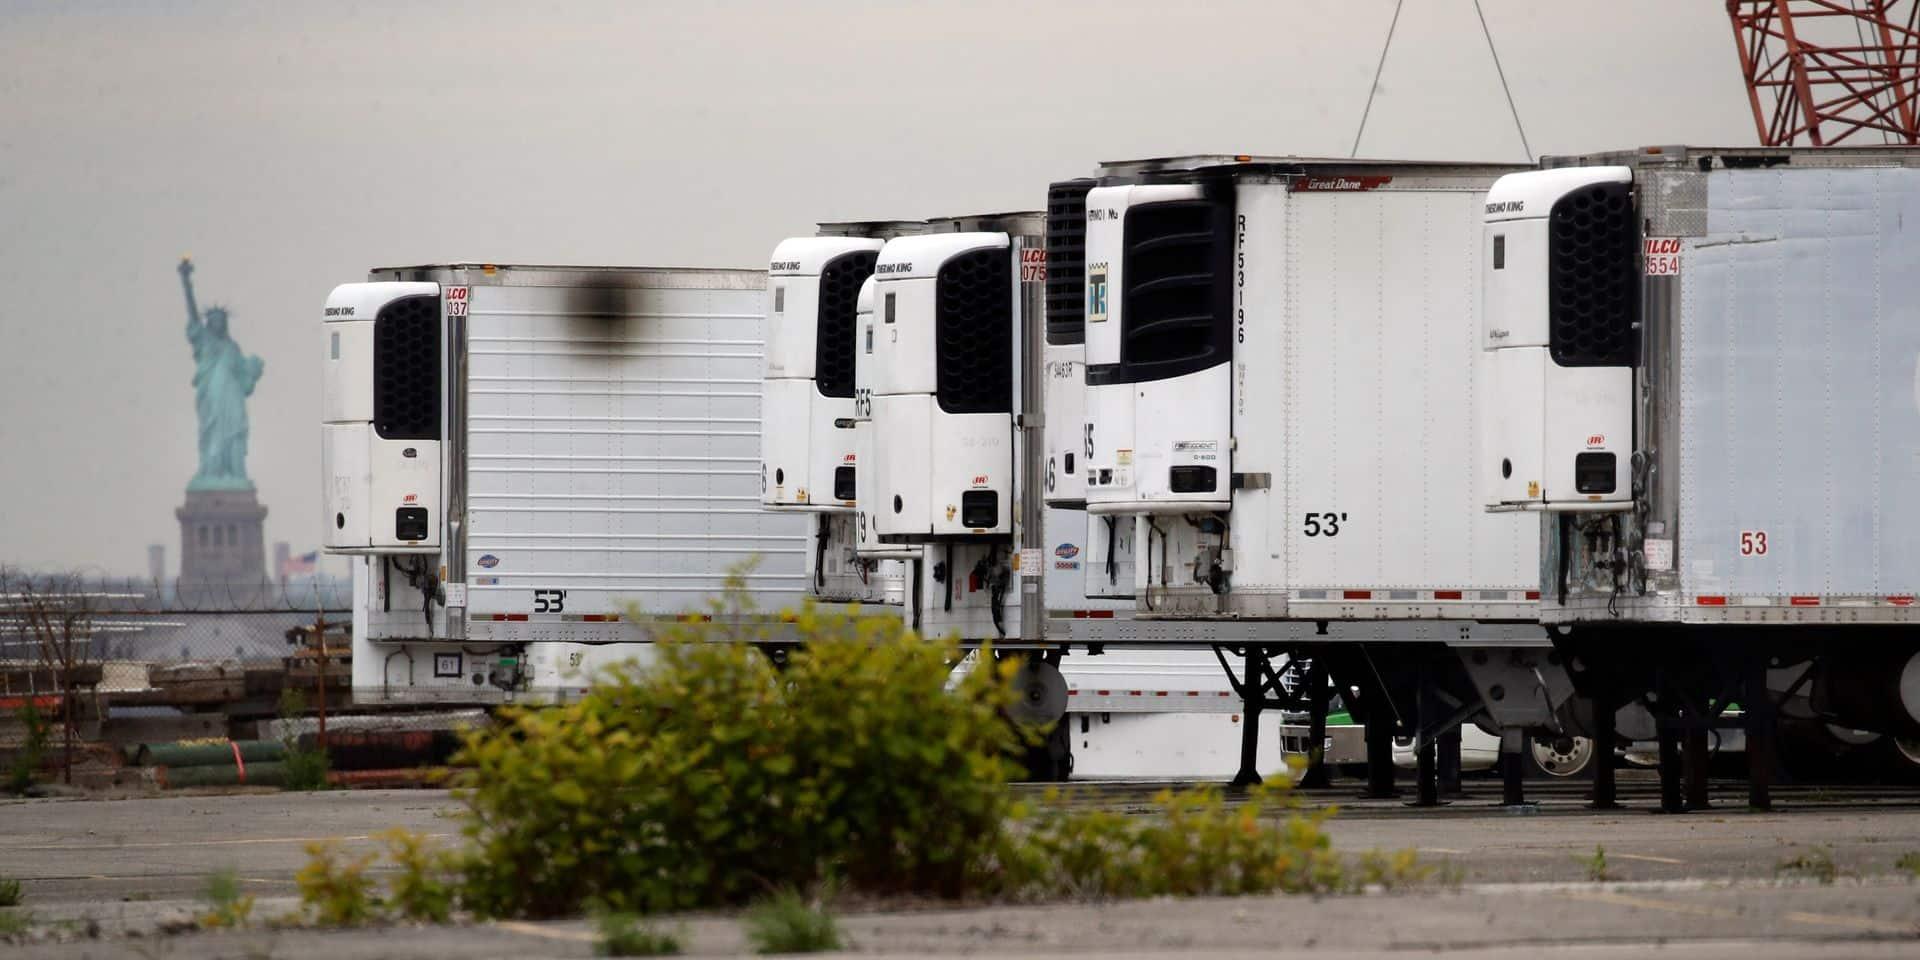 À New York, des centaines de victimes du Covid sont entreposées depuis plus d'un an dans des camions frigorifiques